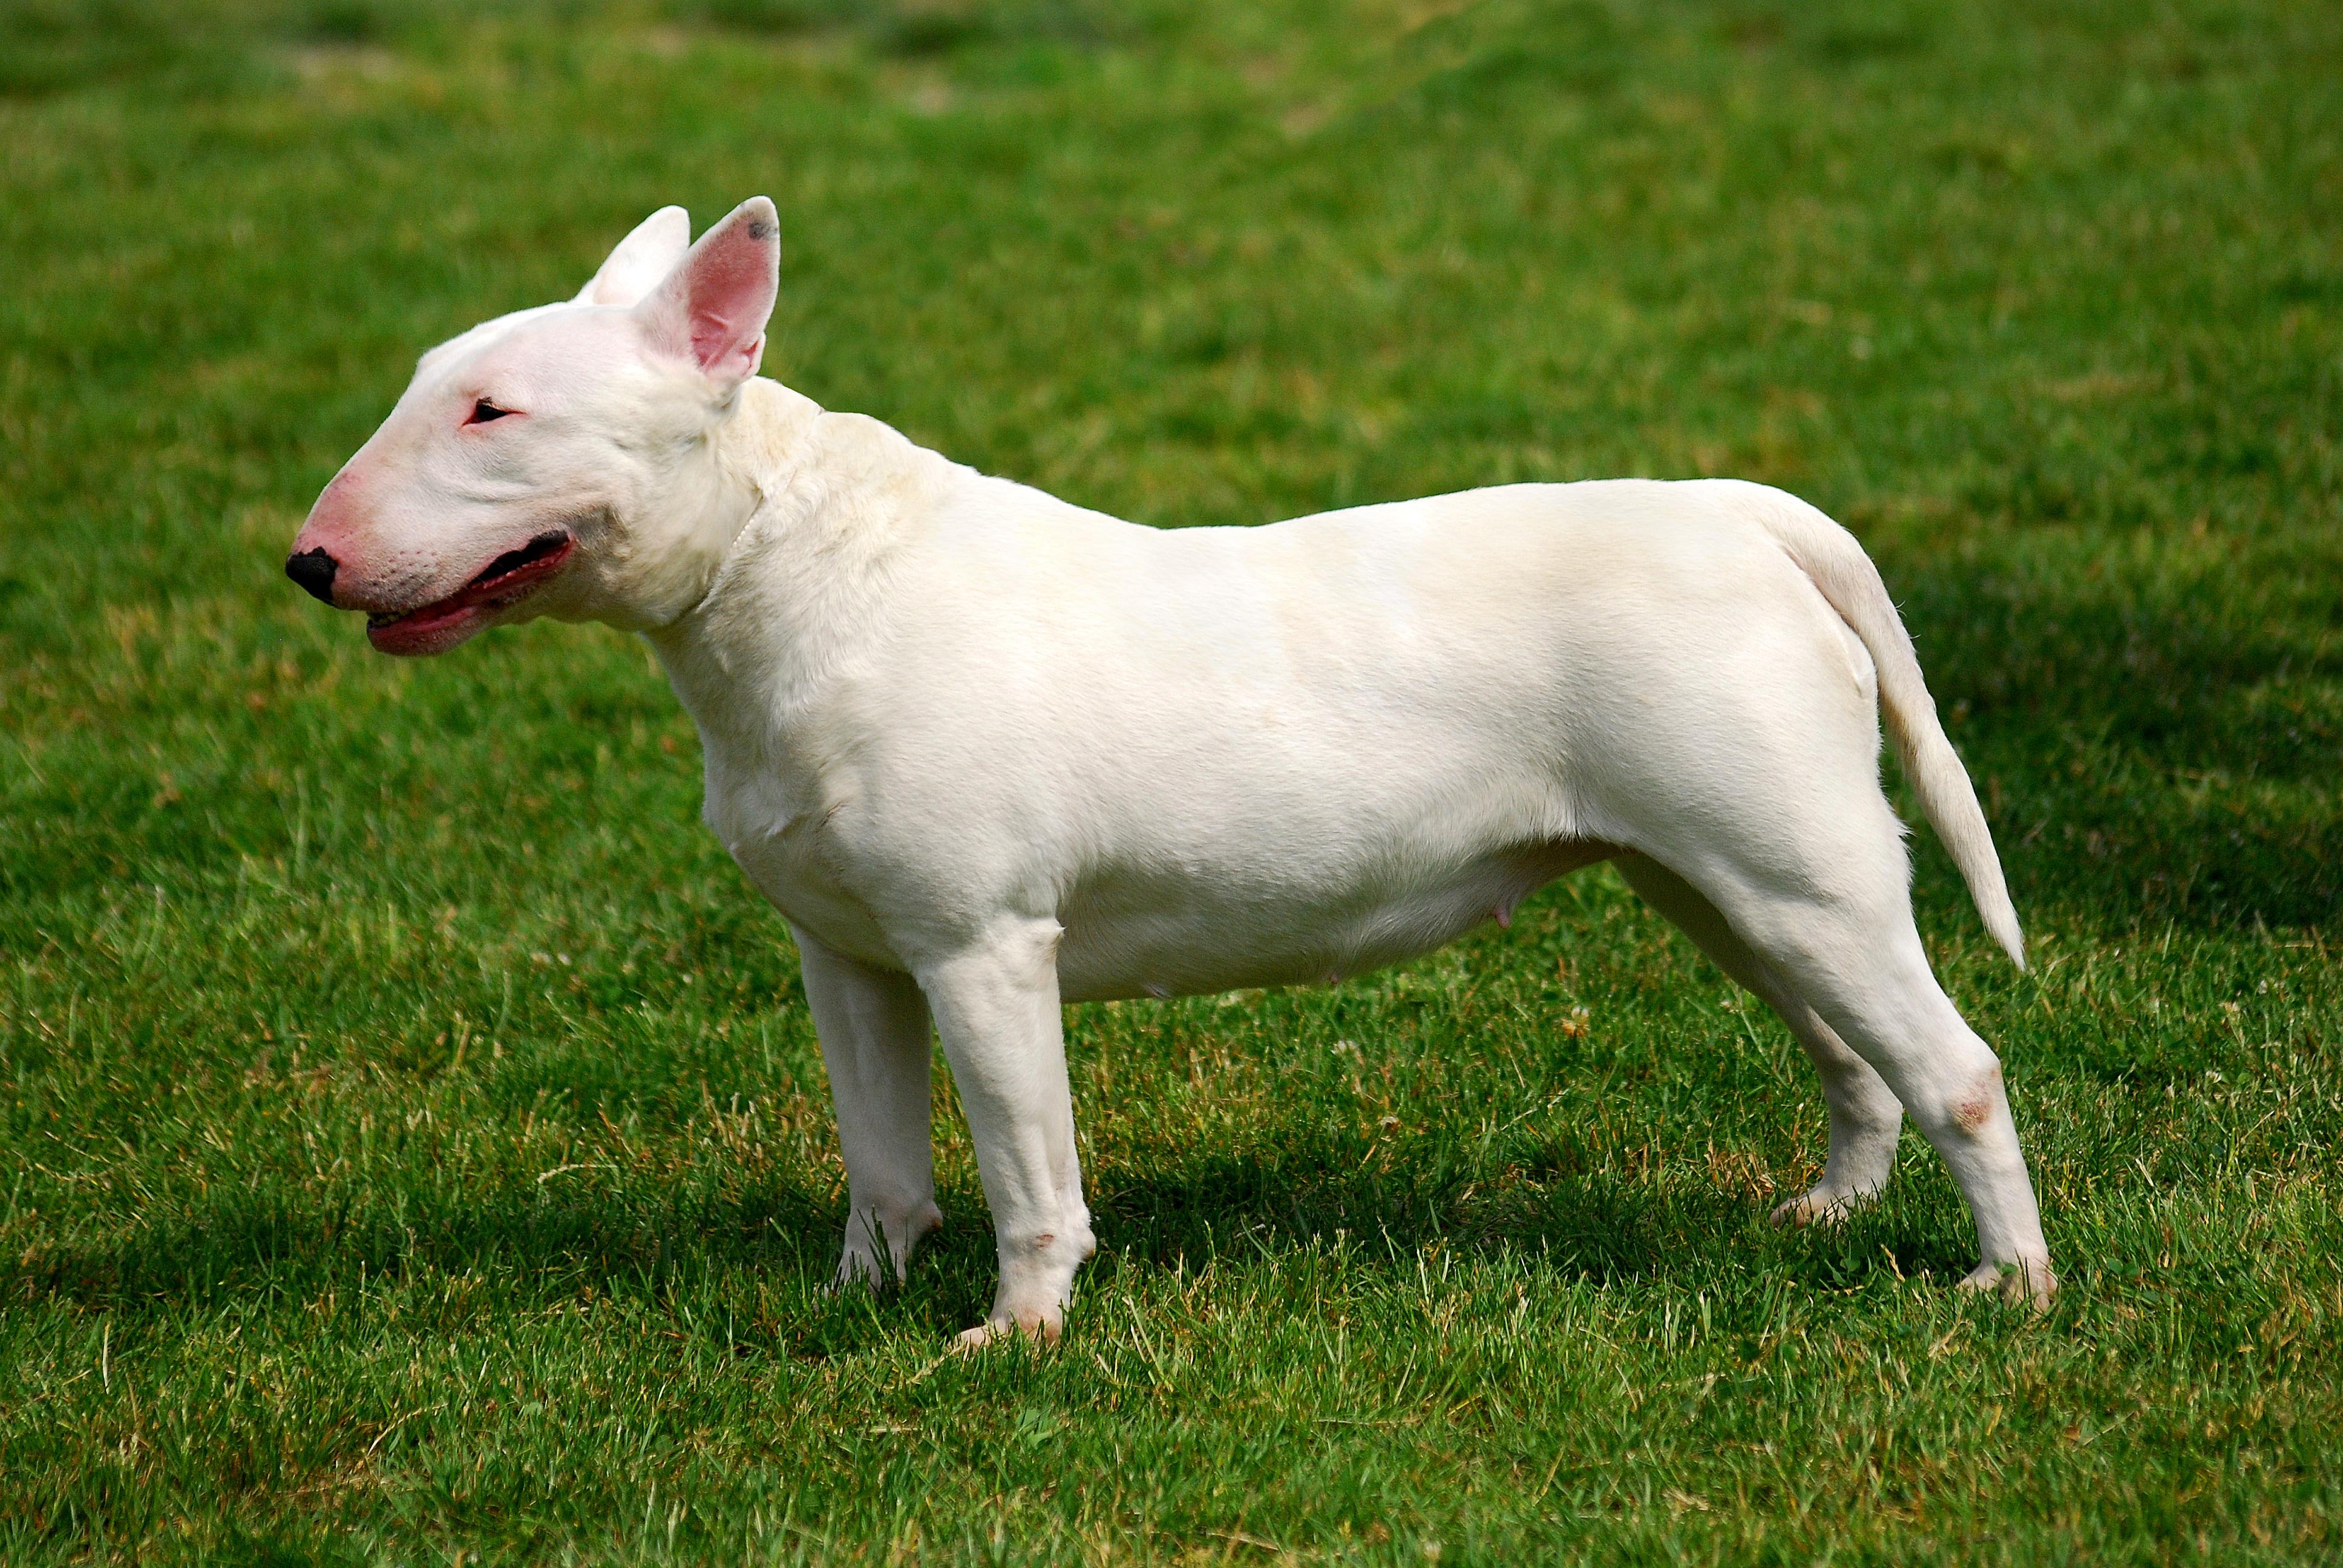 Perros Bull Terrier Ingles Bull Terrier Cara De Bolillo